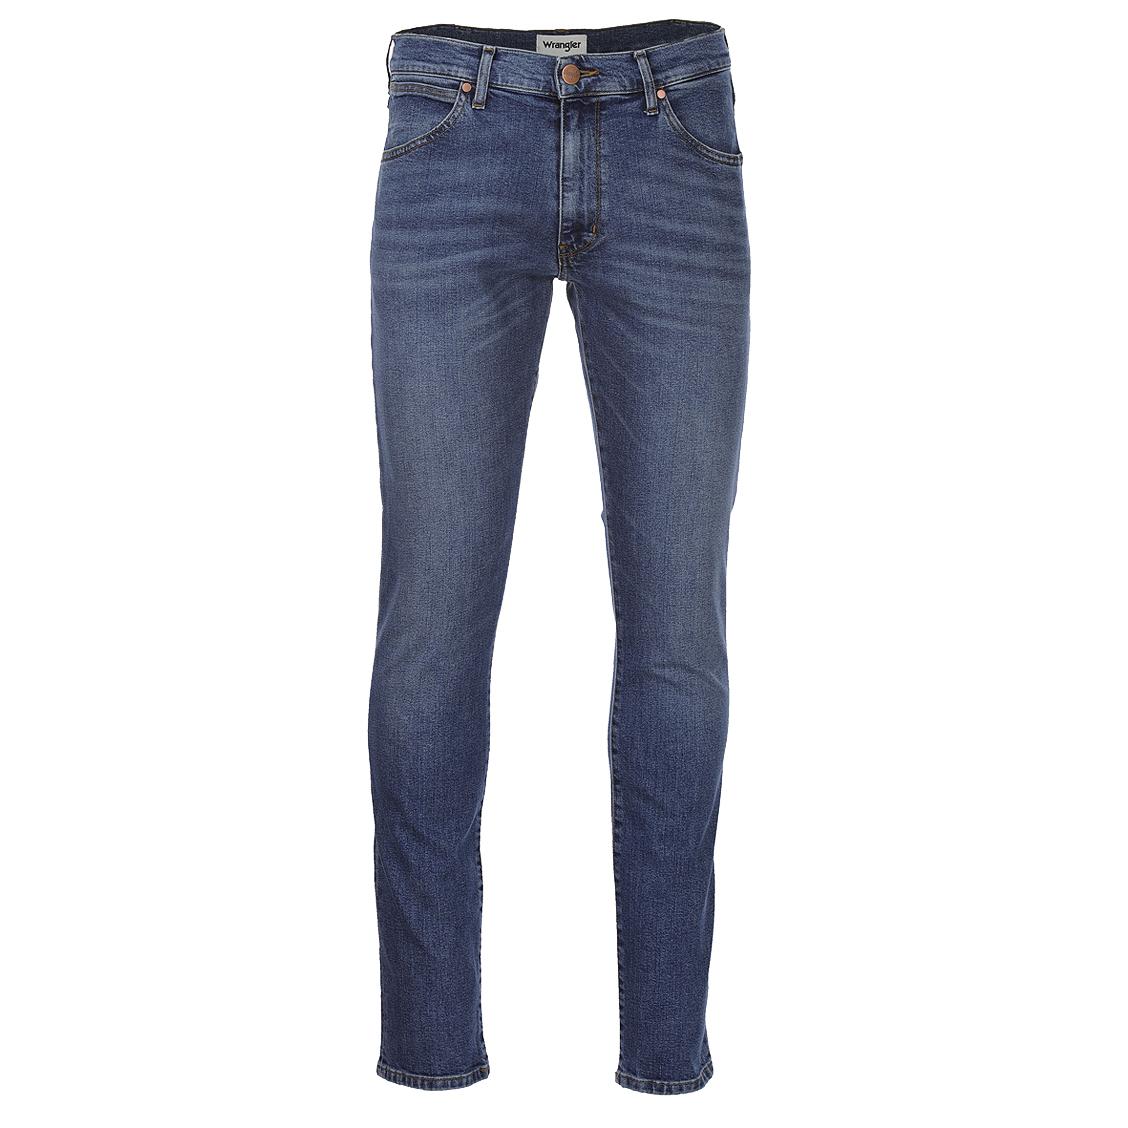 Jean slim tapered  larston en coton stretch bleu légèrement délavé